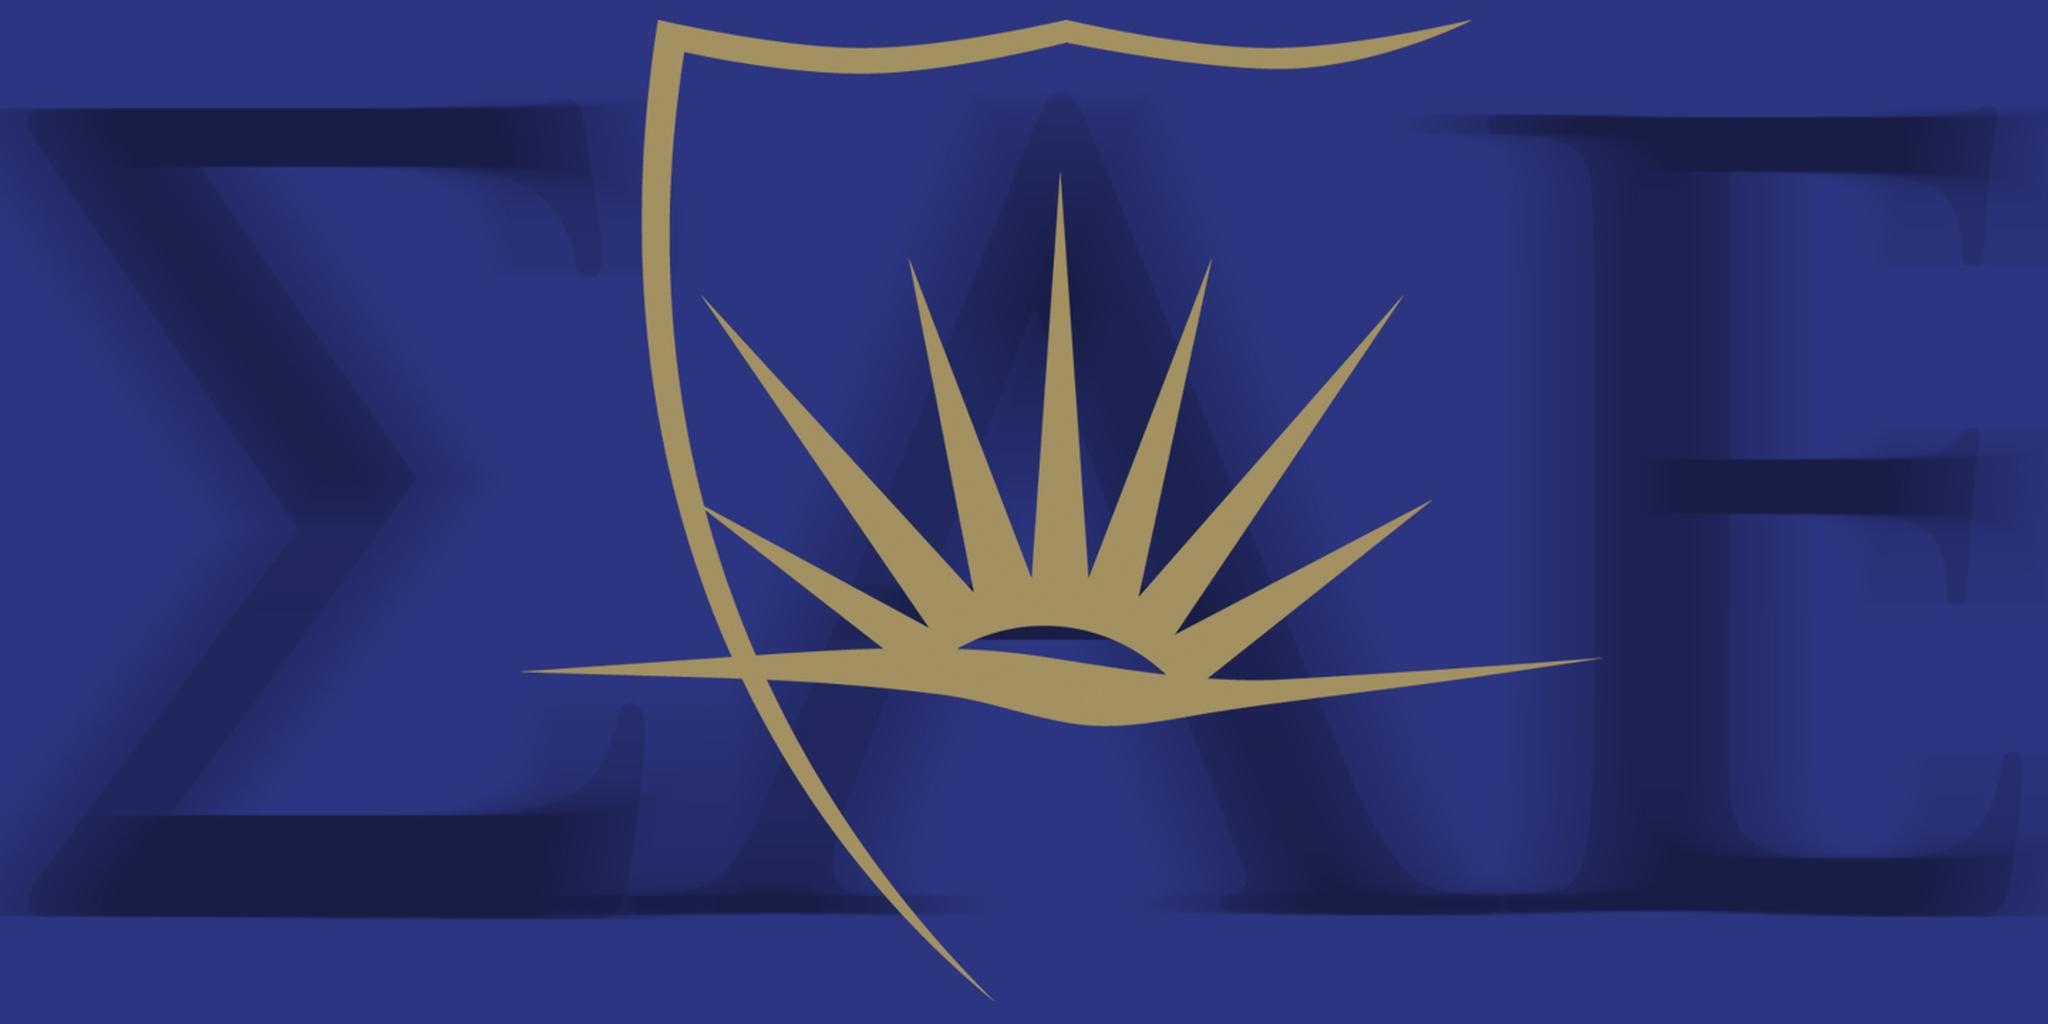 SAE Sigma Alpha Epsilon letters and logo